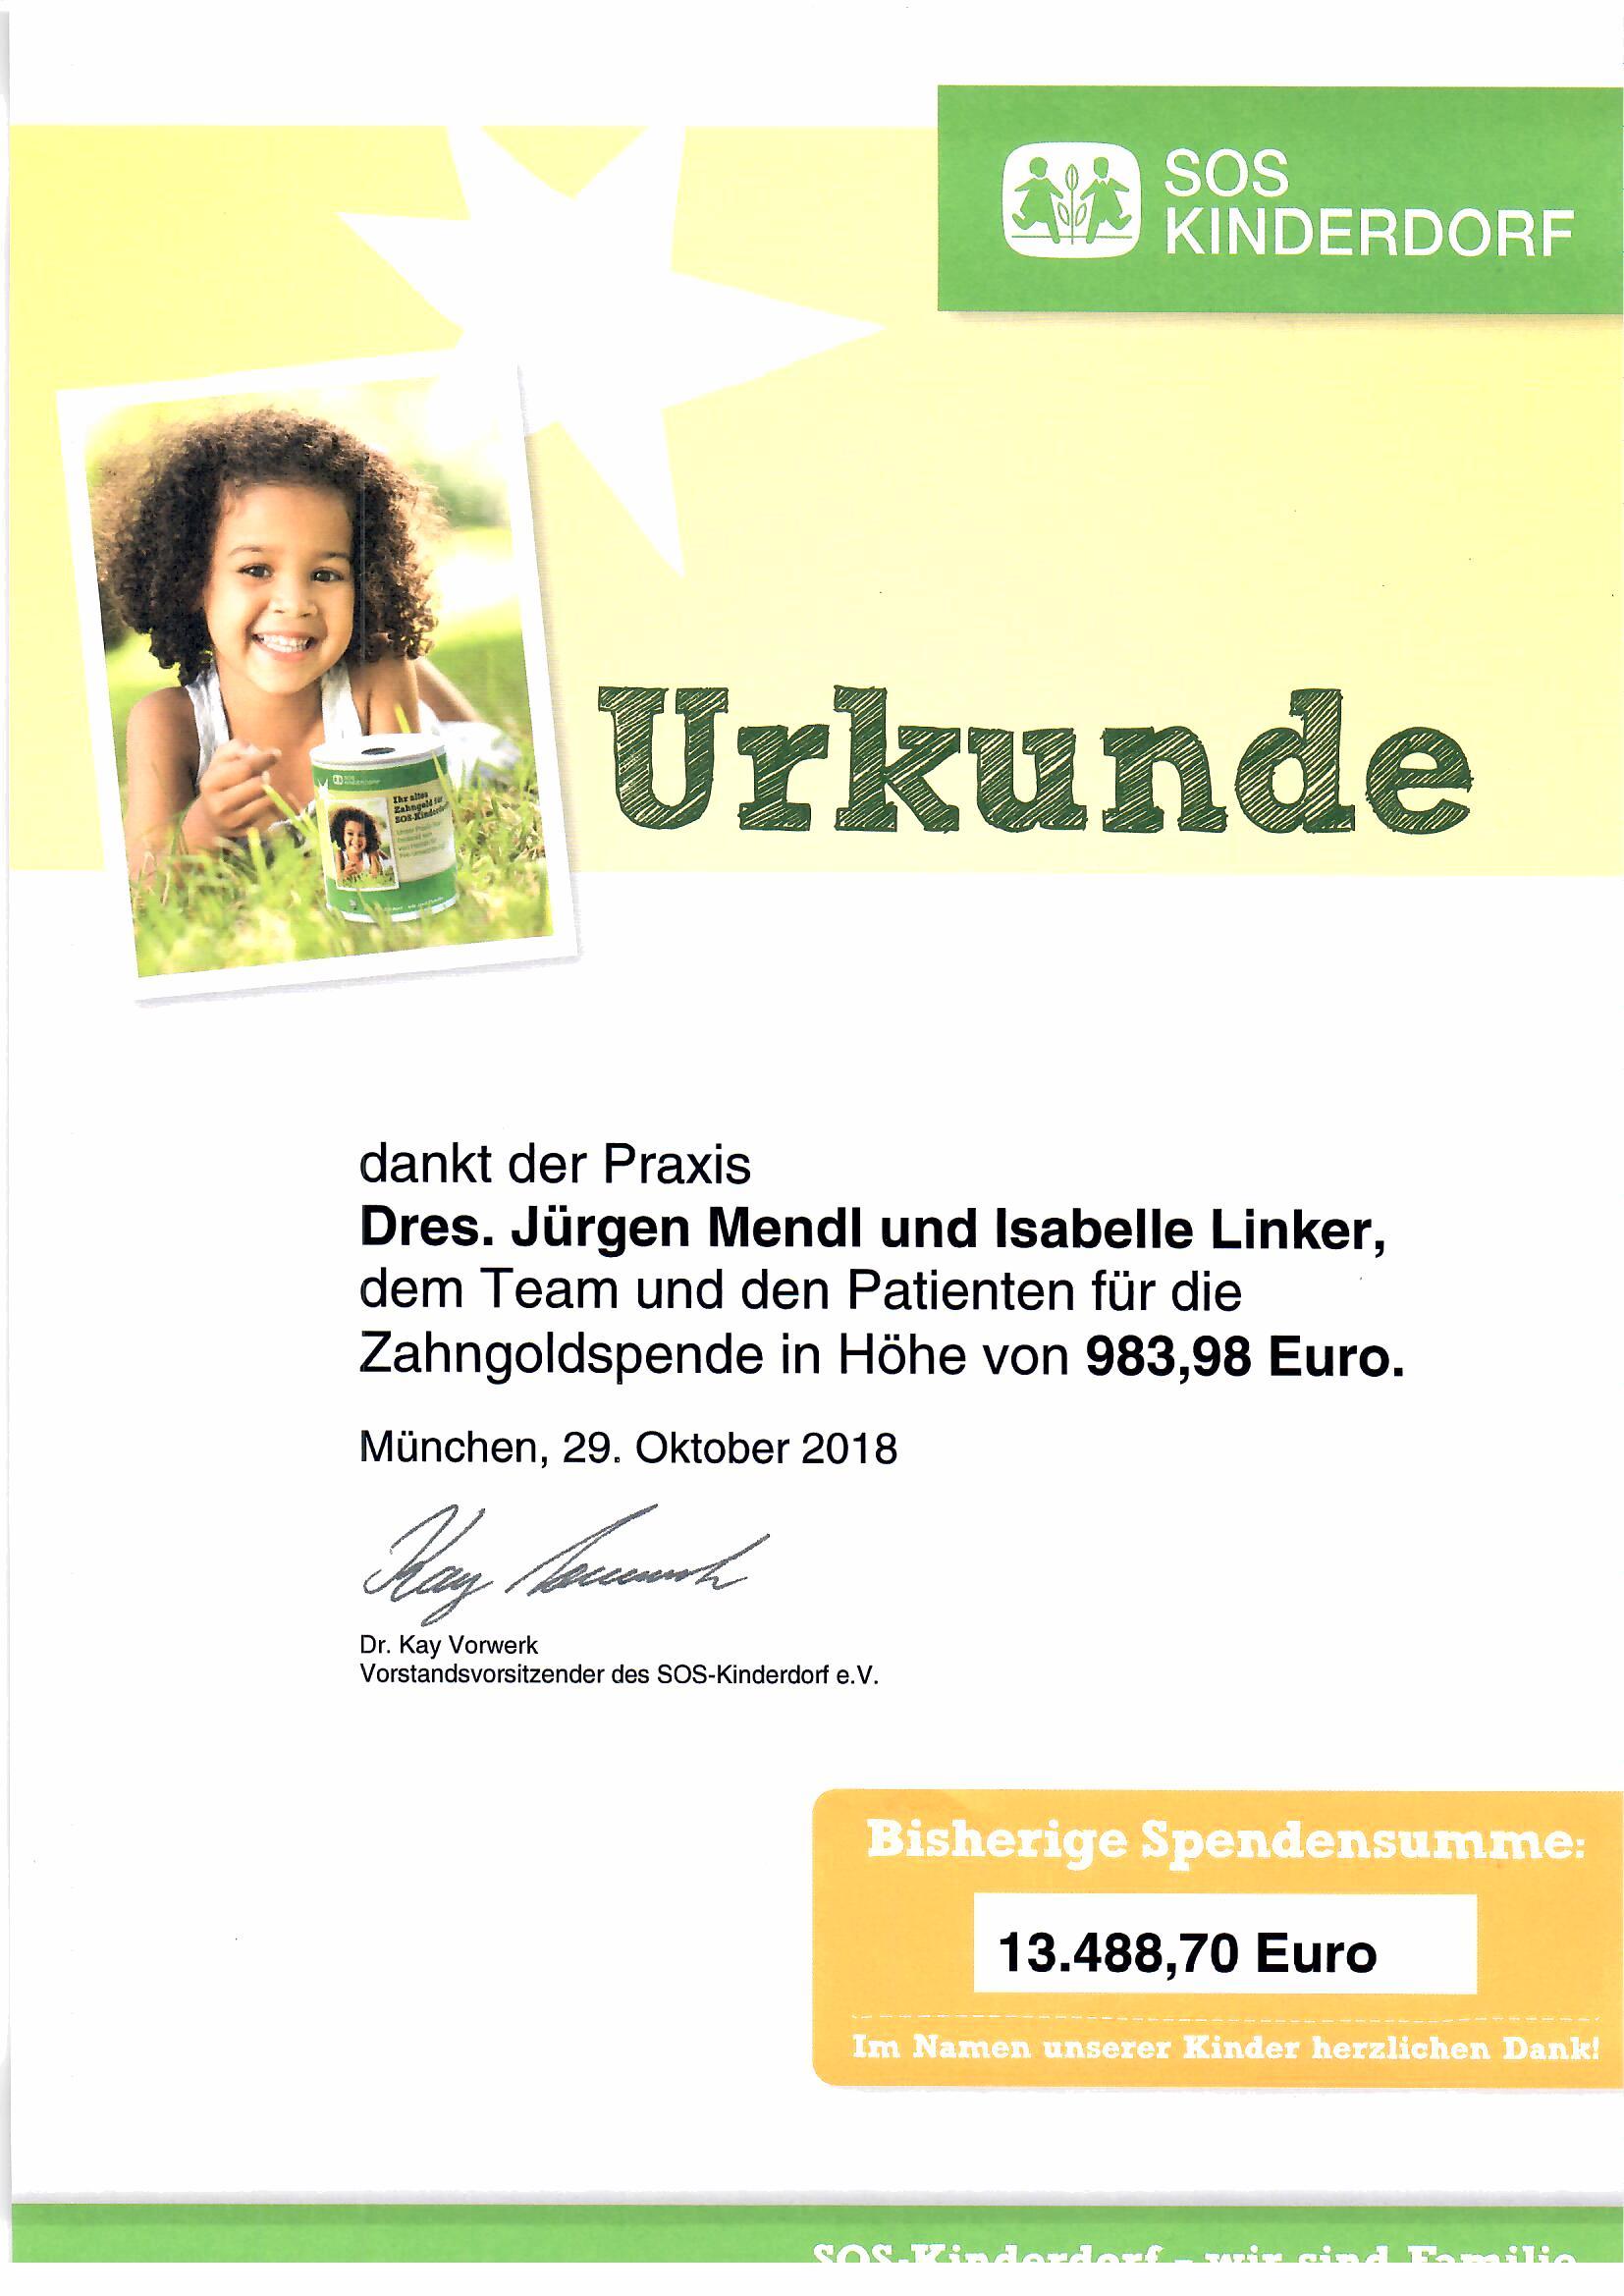 20190105 Urkunde SOS-Kinderdorf Spende Zahngold Dr. Linker